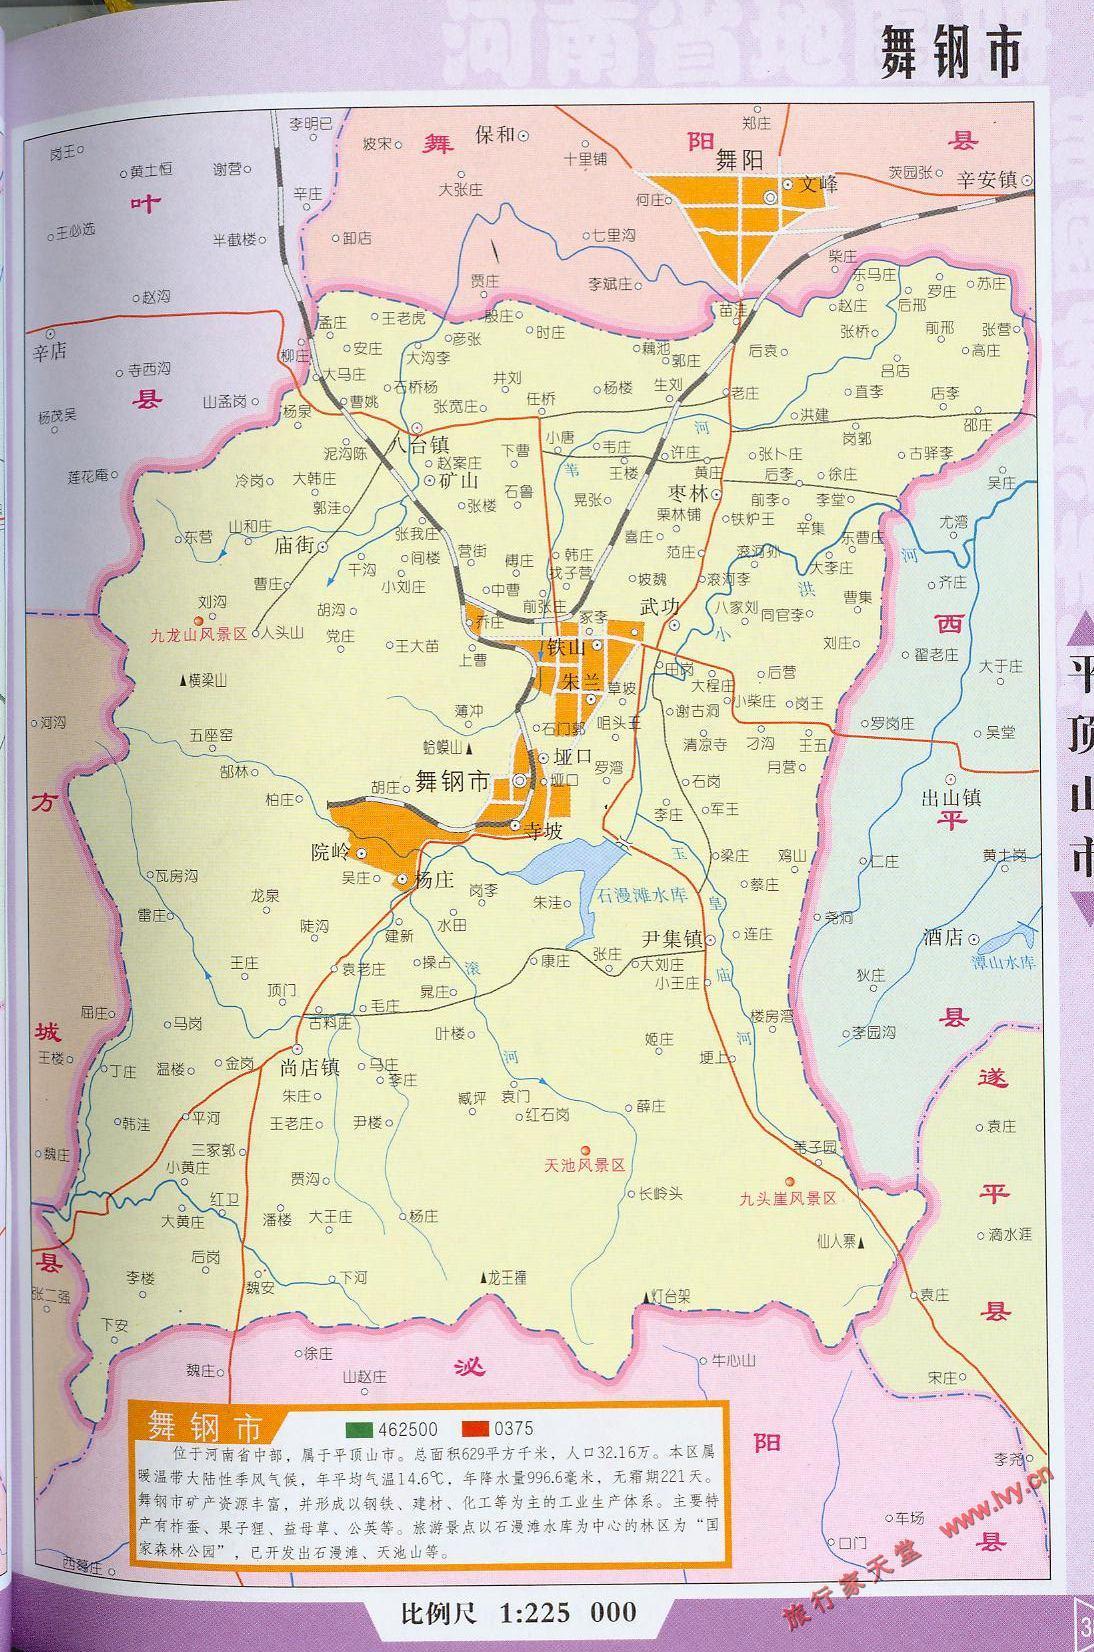 舞钢市地图_平顶山地图库